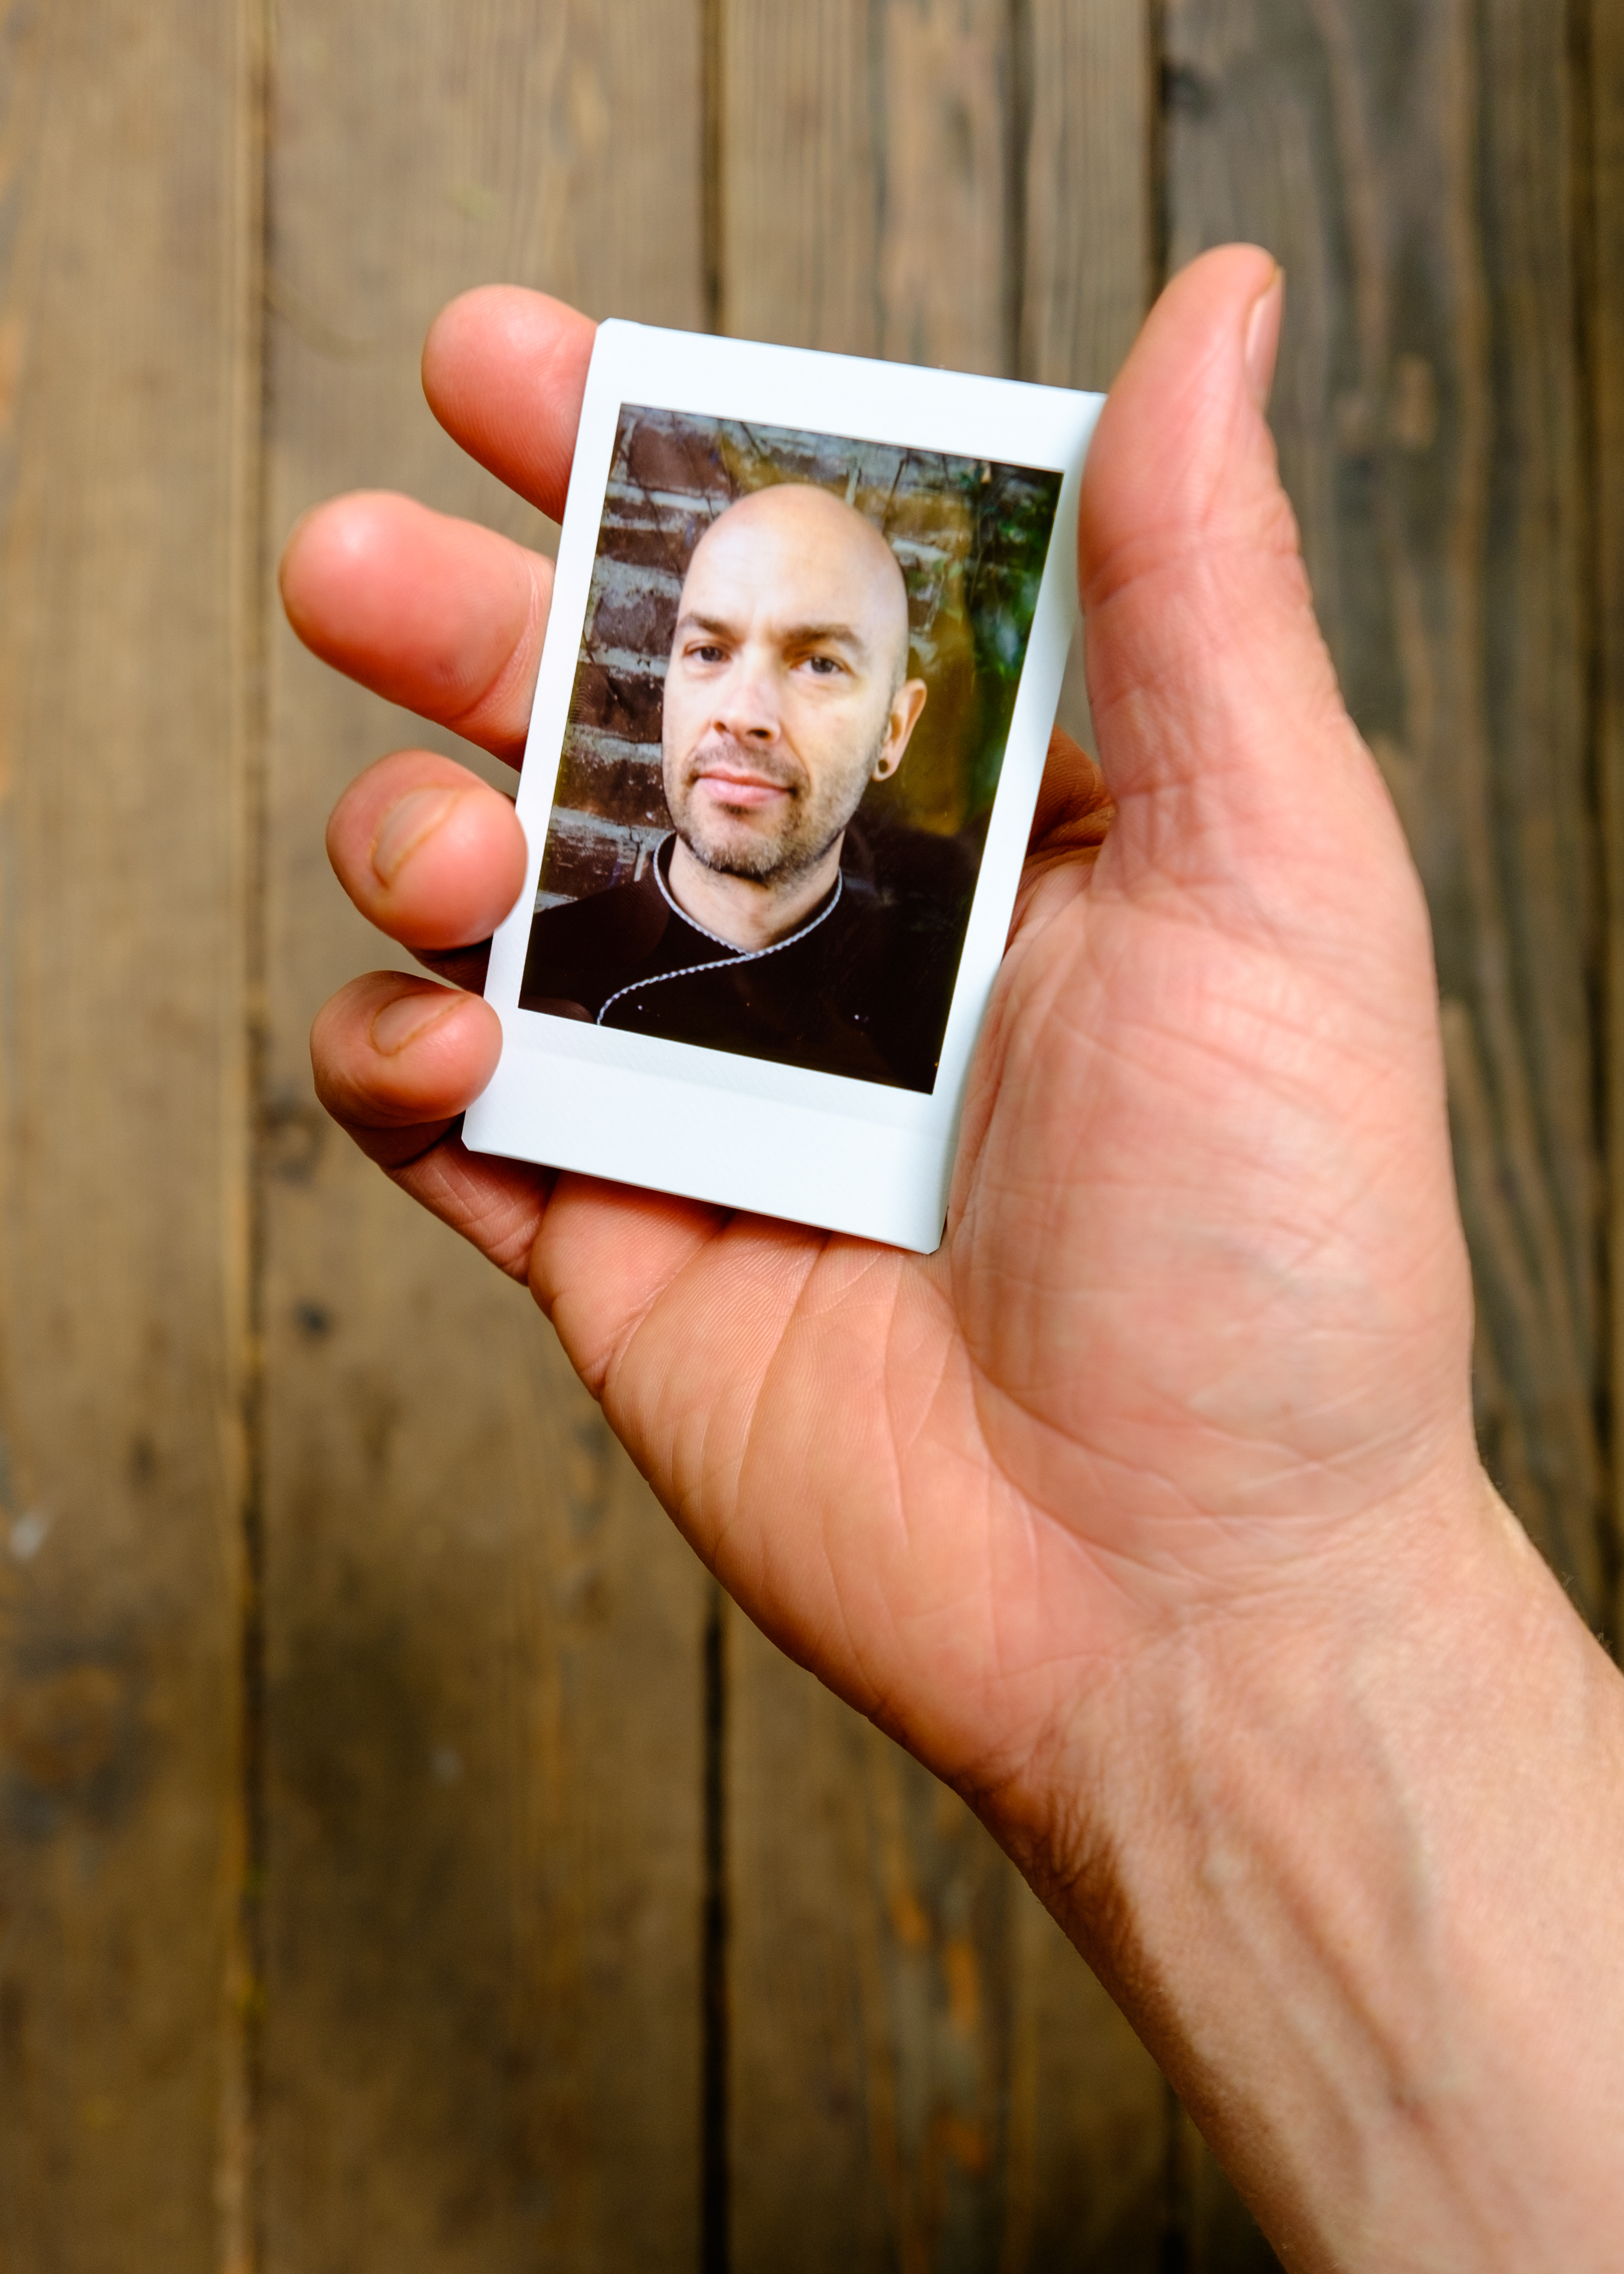 Olivier Bourget portrait dans la main-71